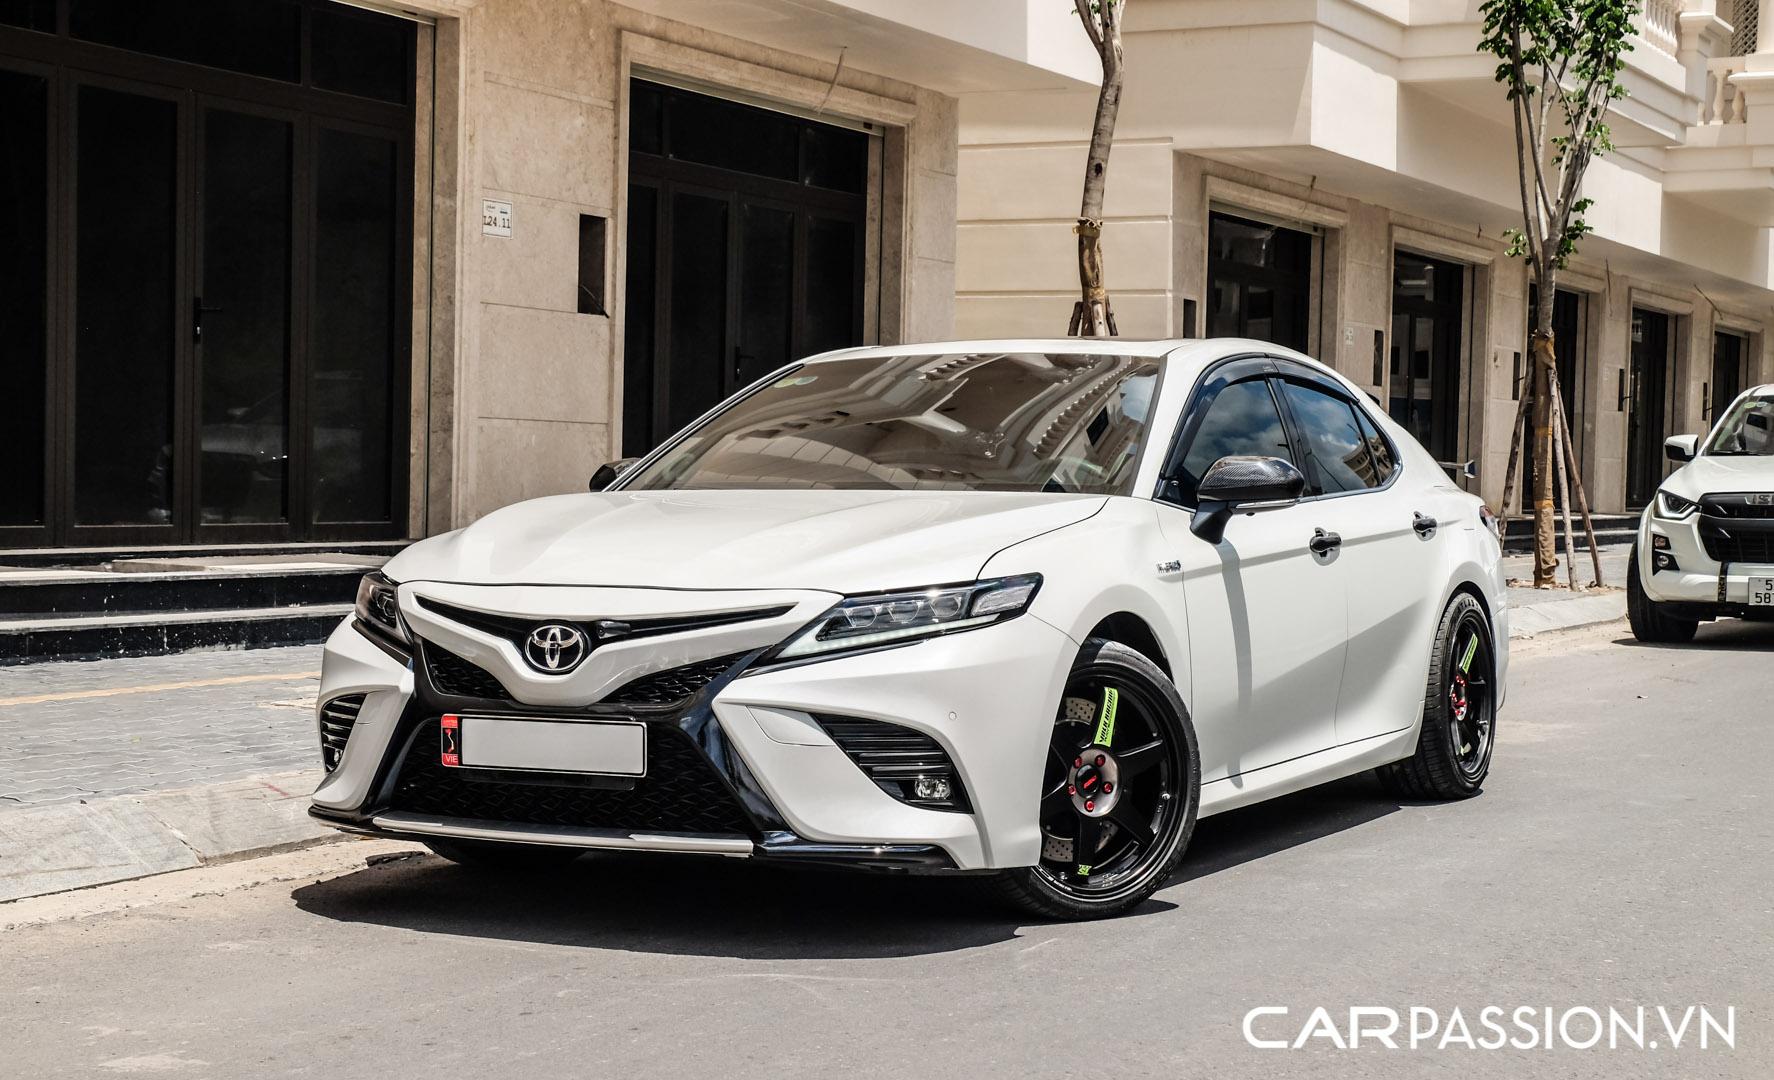 CP-Toyota Camry độ (25).jpg